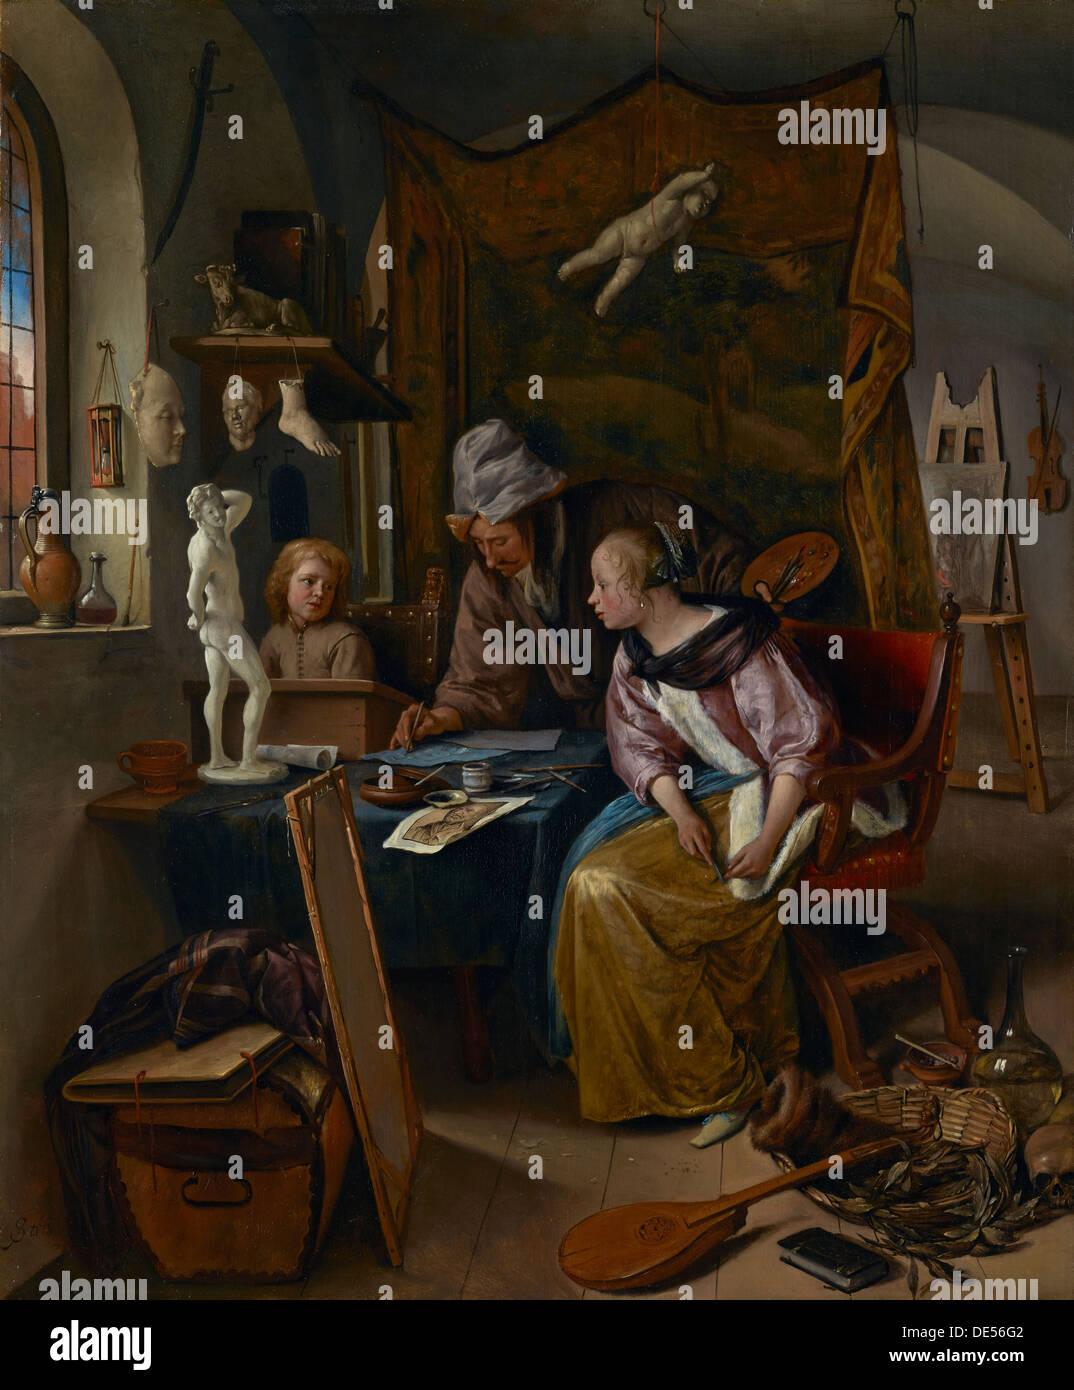 La lezione di disegno; Jan Steen, Olandese, 1626 - 1679; circa 1665; olio su pannello Immagini Stock